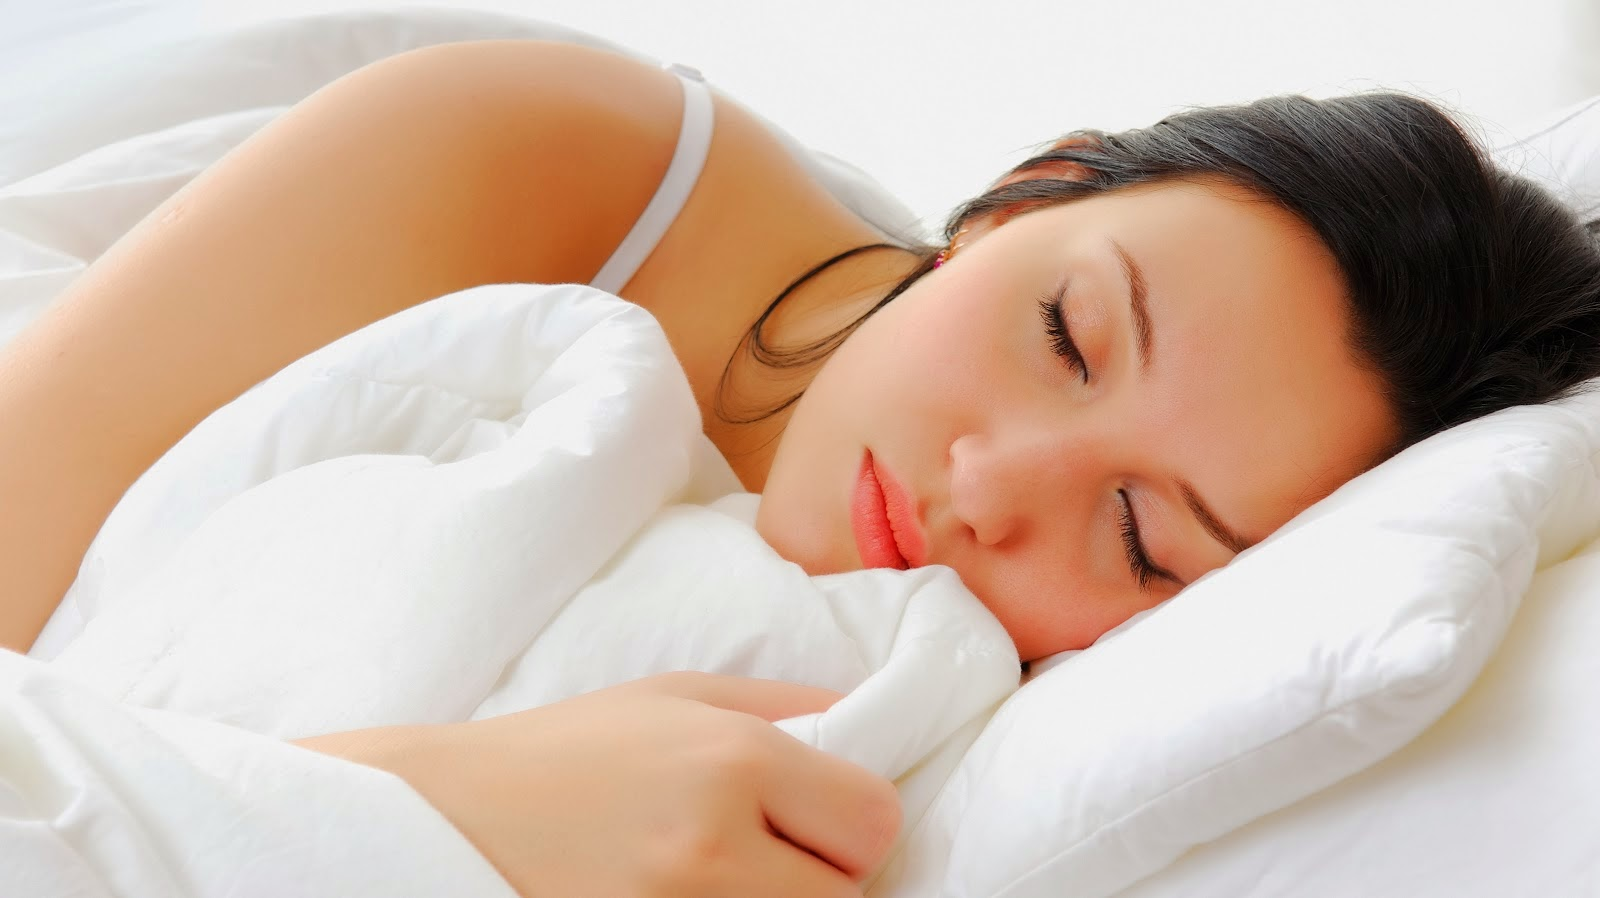 Tidur cukup untuk menjaga kesehatan tubuh di bulan puasa